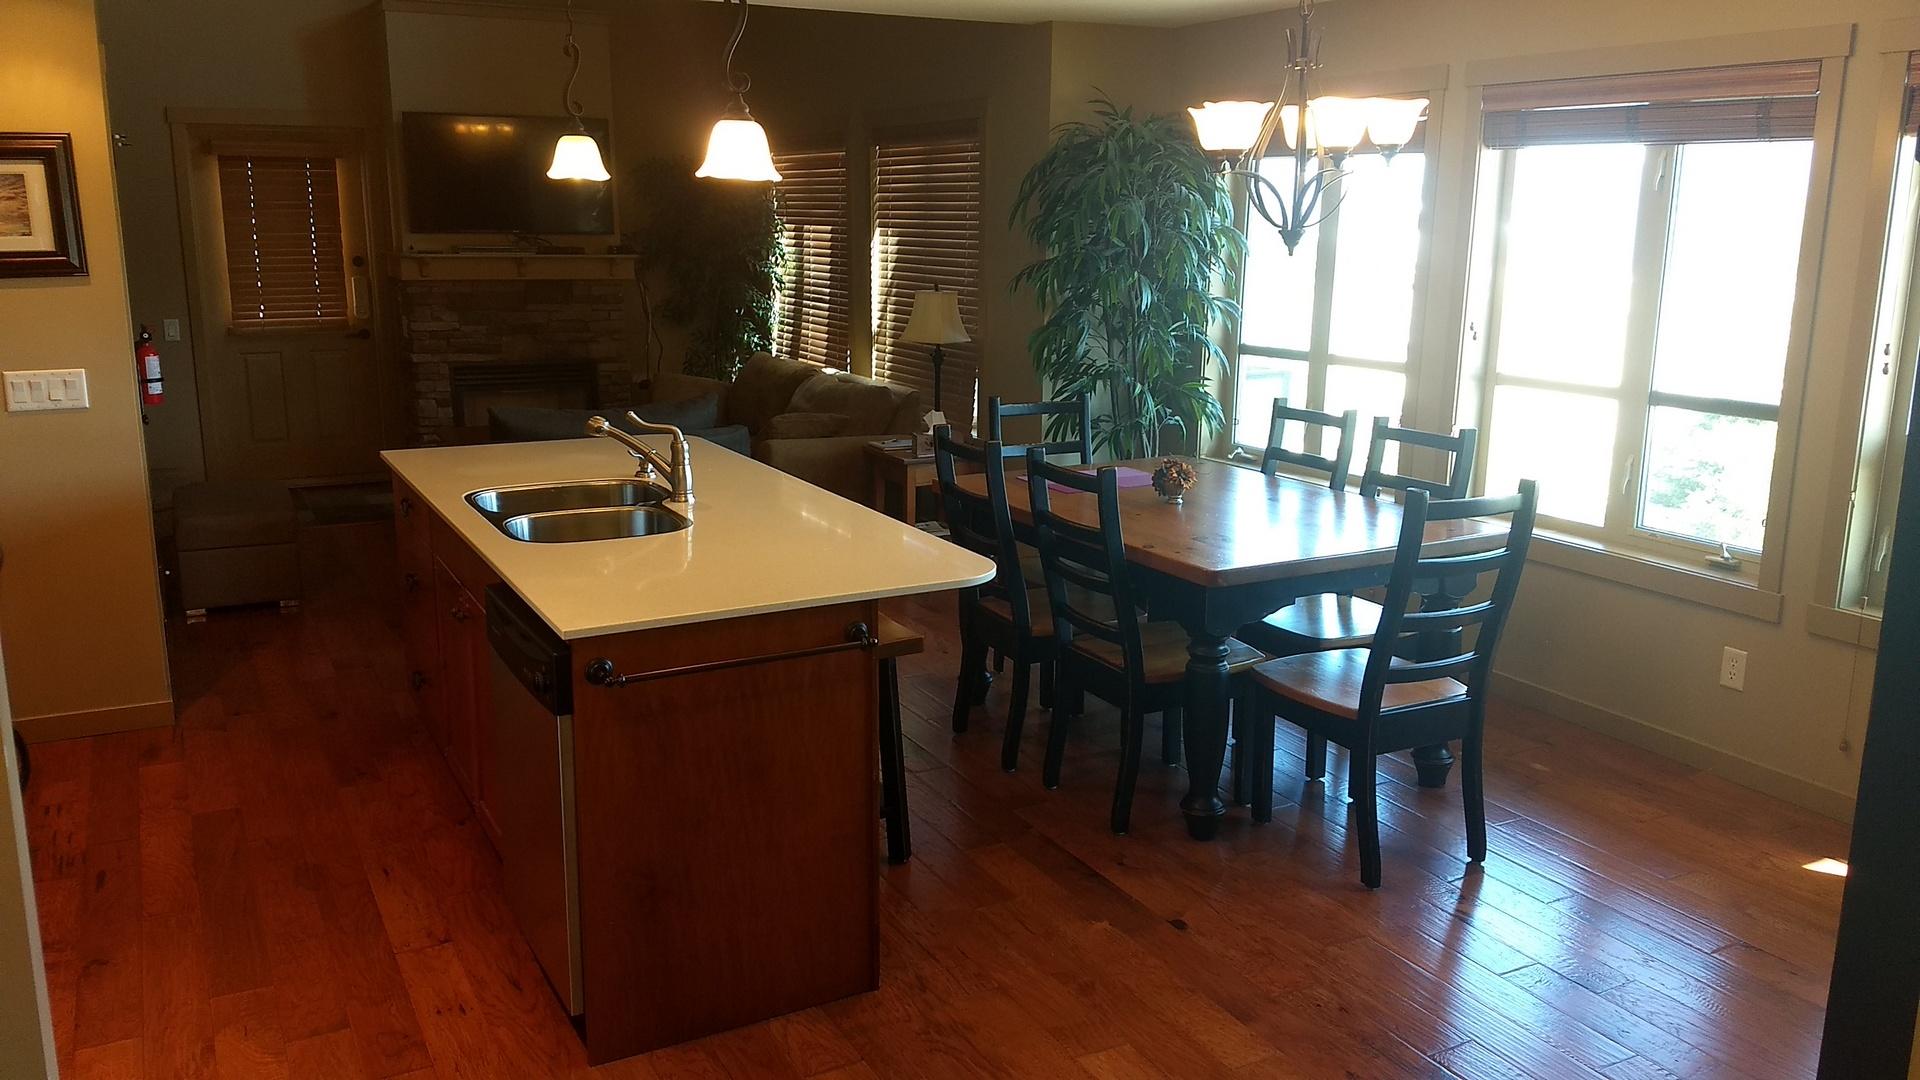 392 kitchen dining